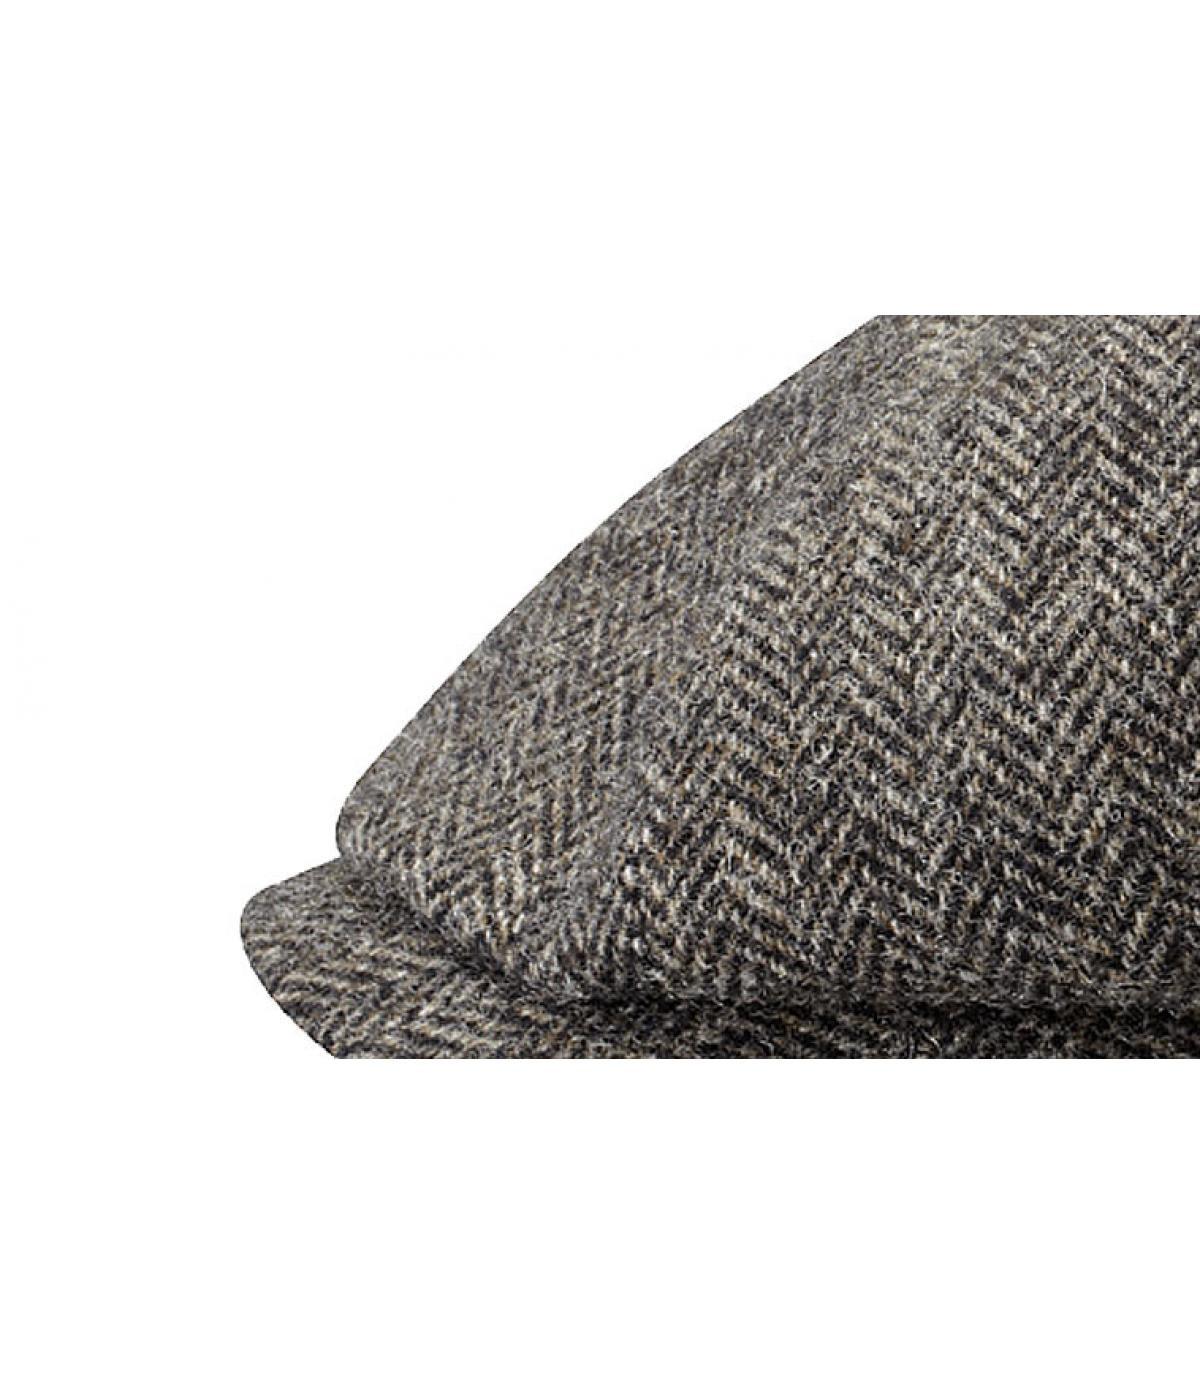 Detalles Hatteras woolrich grigio scuro imagen 2